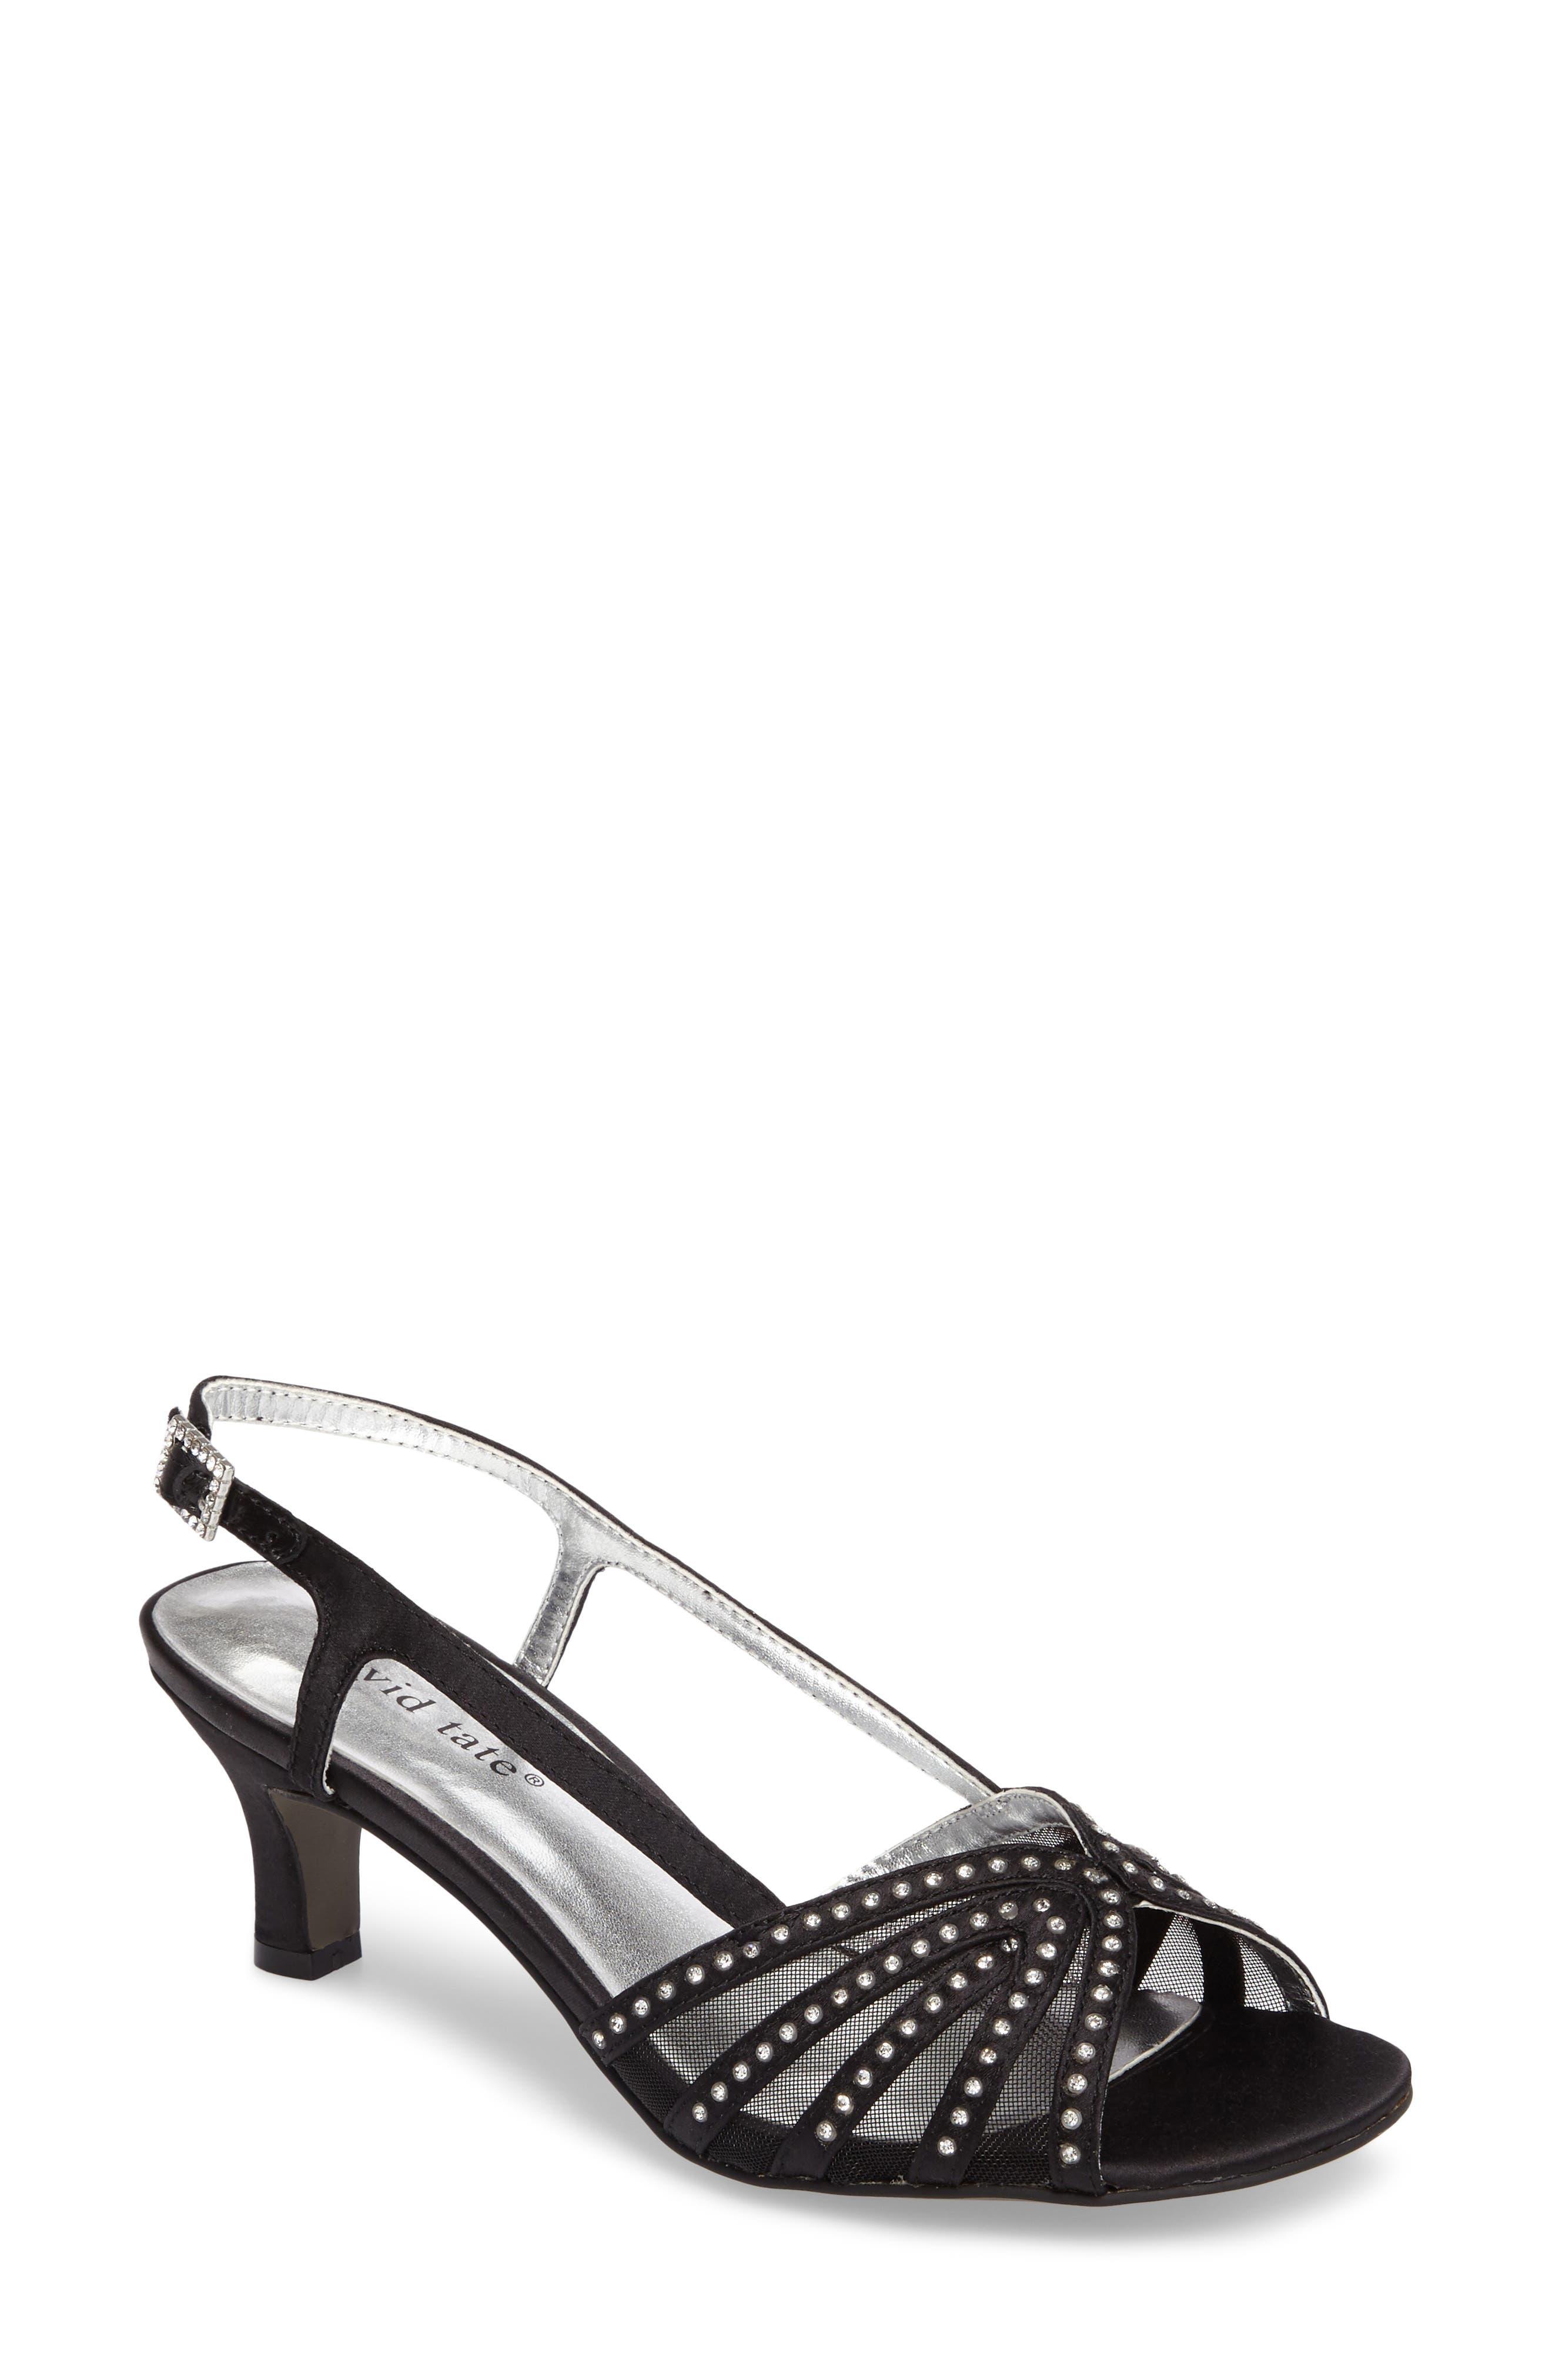 DAVID TATE Sizzle Slingback Sandal, Main, color, BLACK